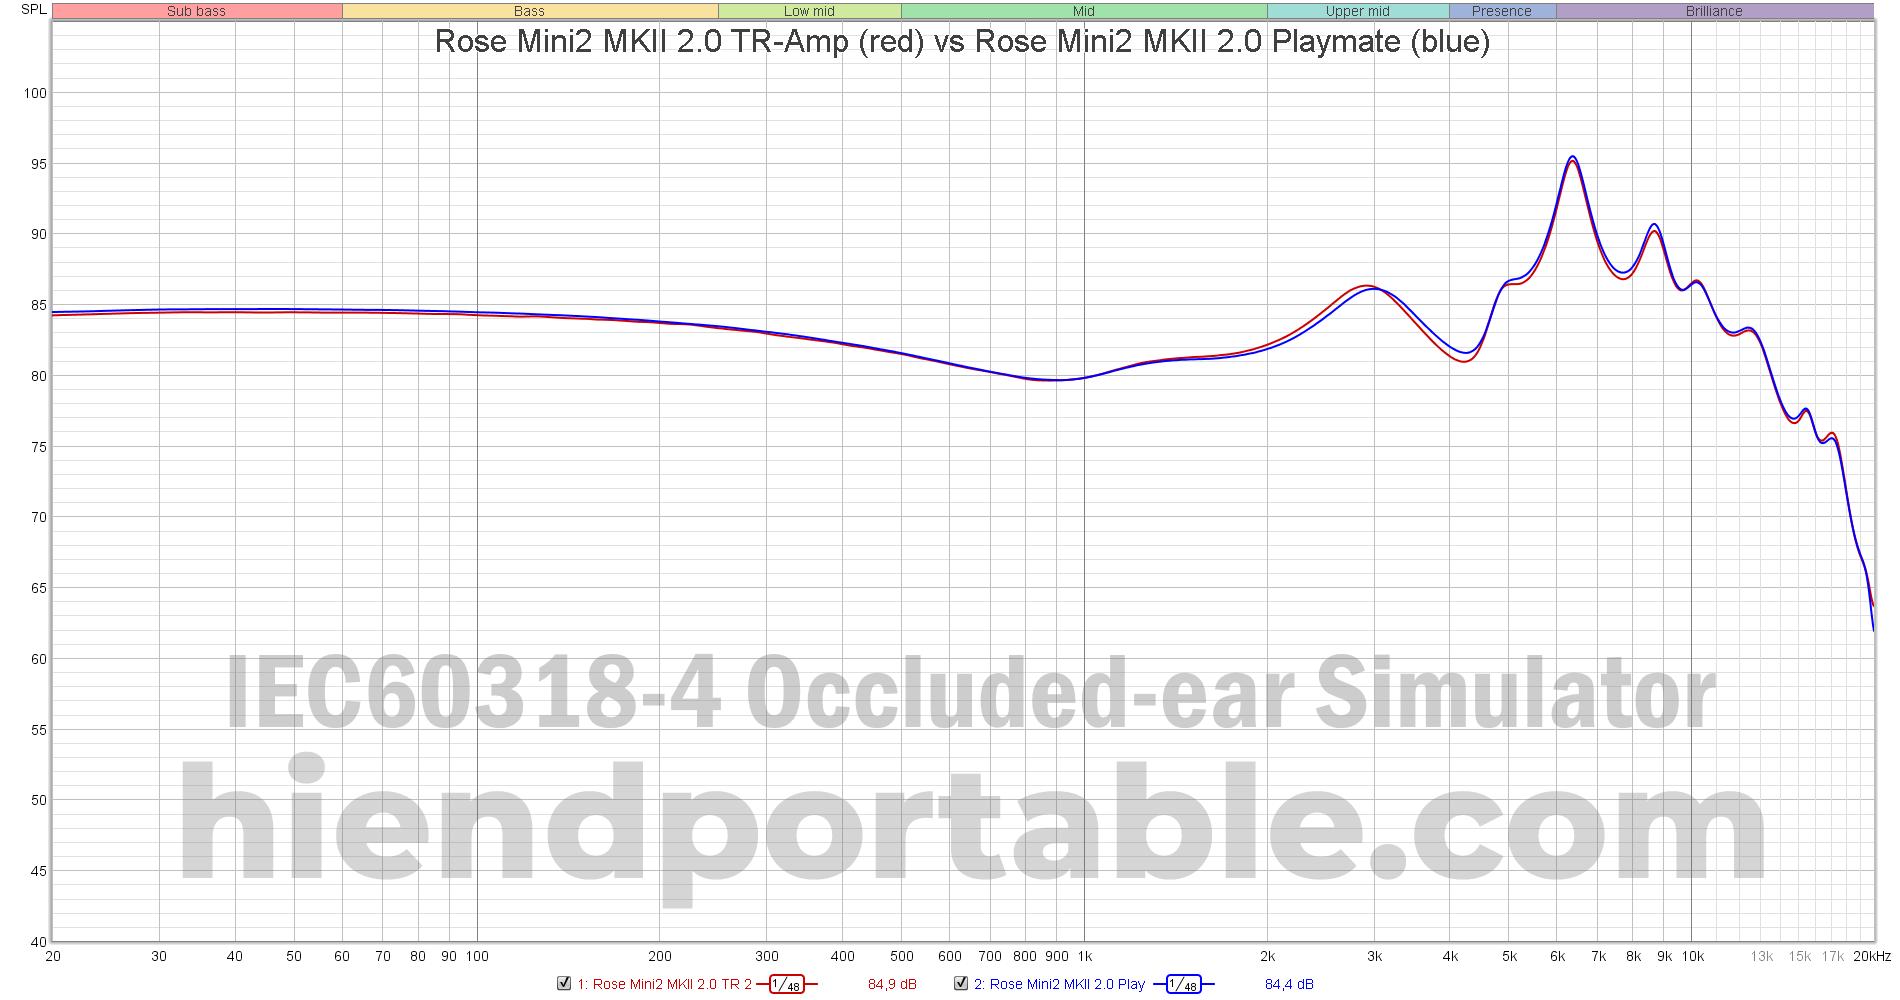 Rose-Mini2-MKII-2.0-TR-Amp-vs-Rose-Mini2-MKII-2.0-Playmate.png